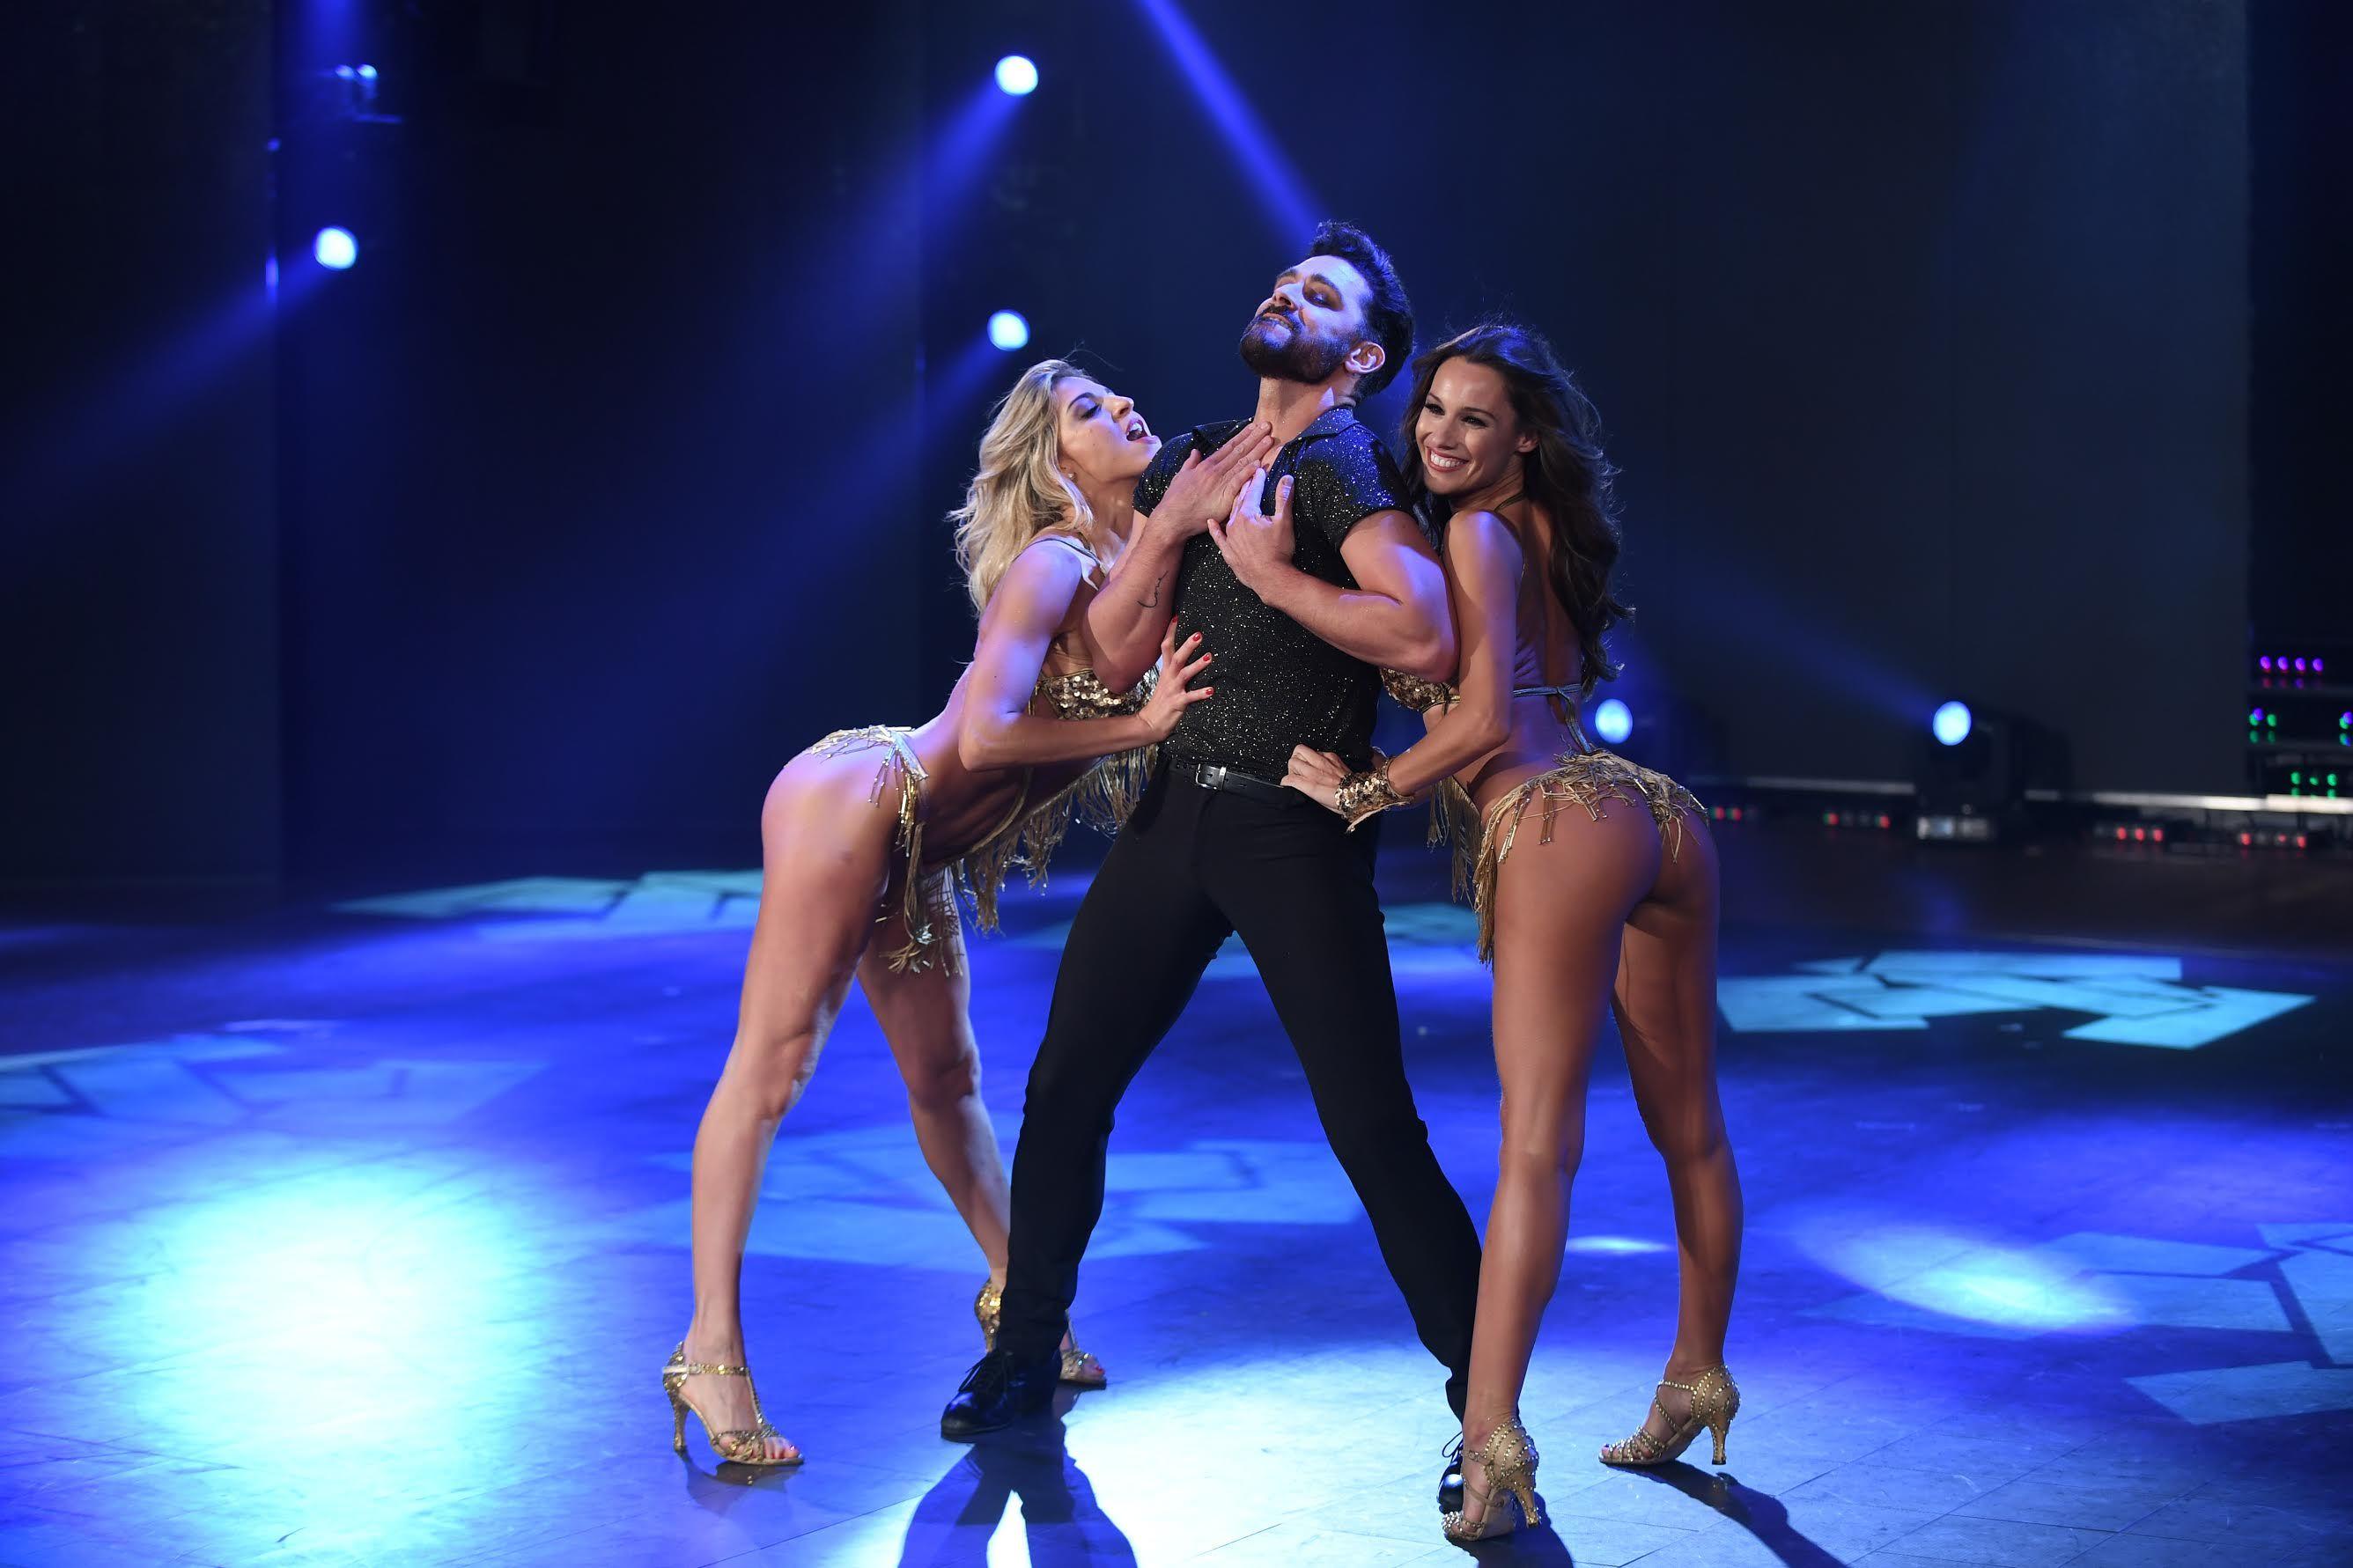 Pampita prendió fuego la pista con la salsa de tres: mirá la coreo y su vestuario súper hot